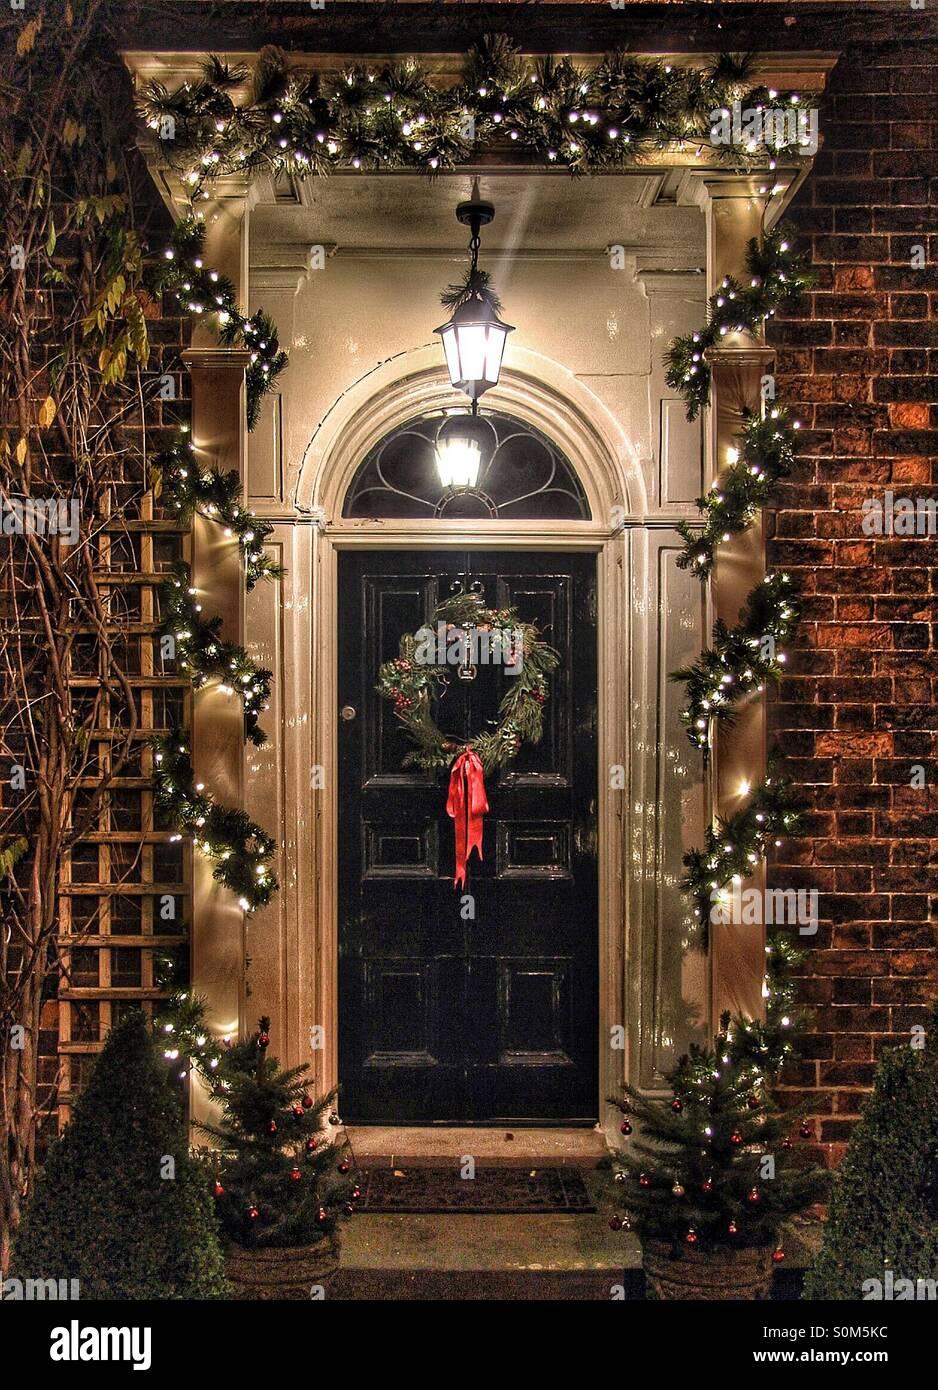 Une porte traditionnelle décorée pour Noël avec une couronne et des lumières. Photo Stock